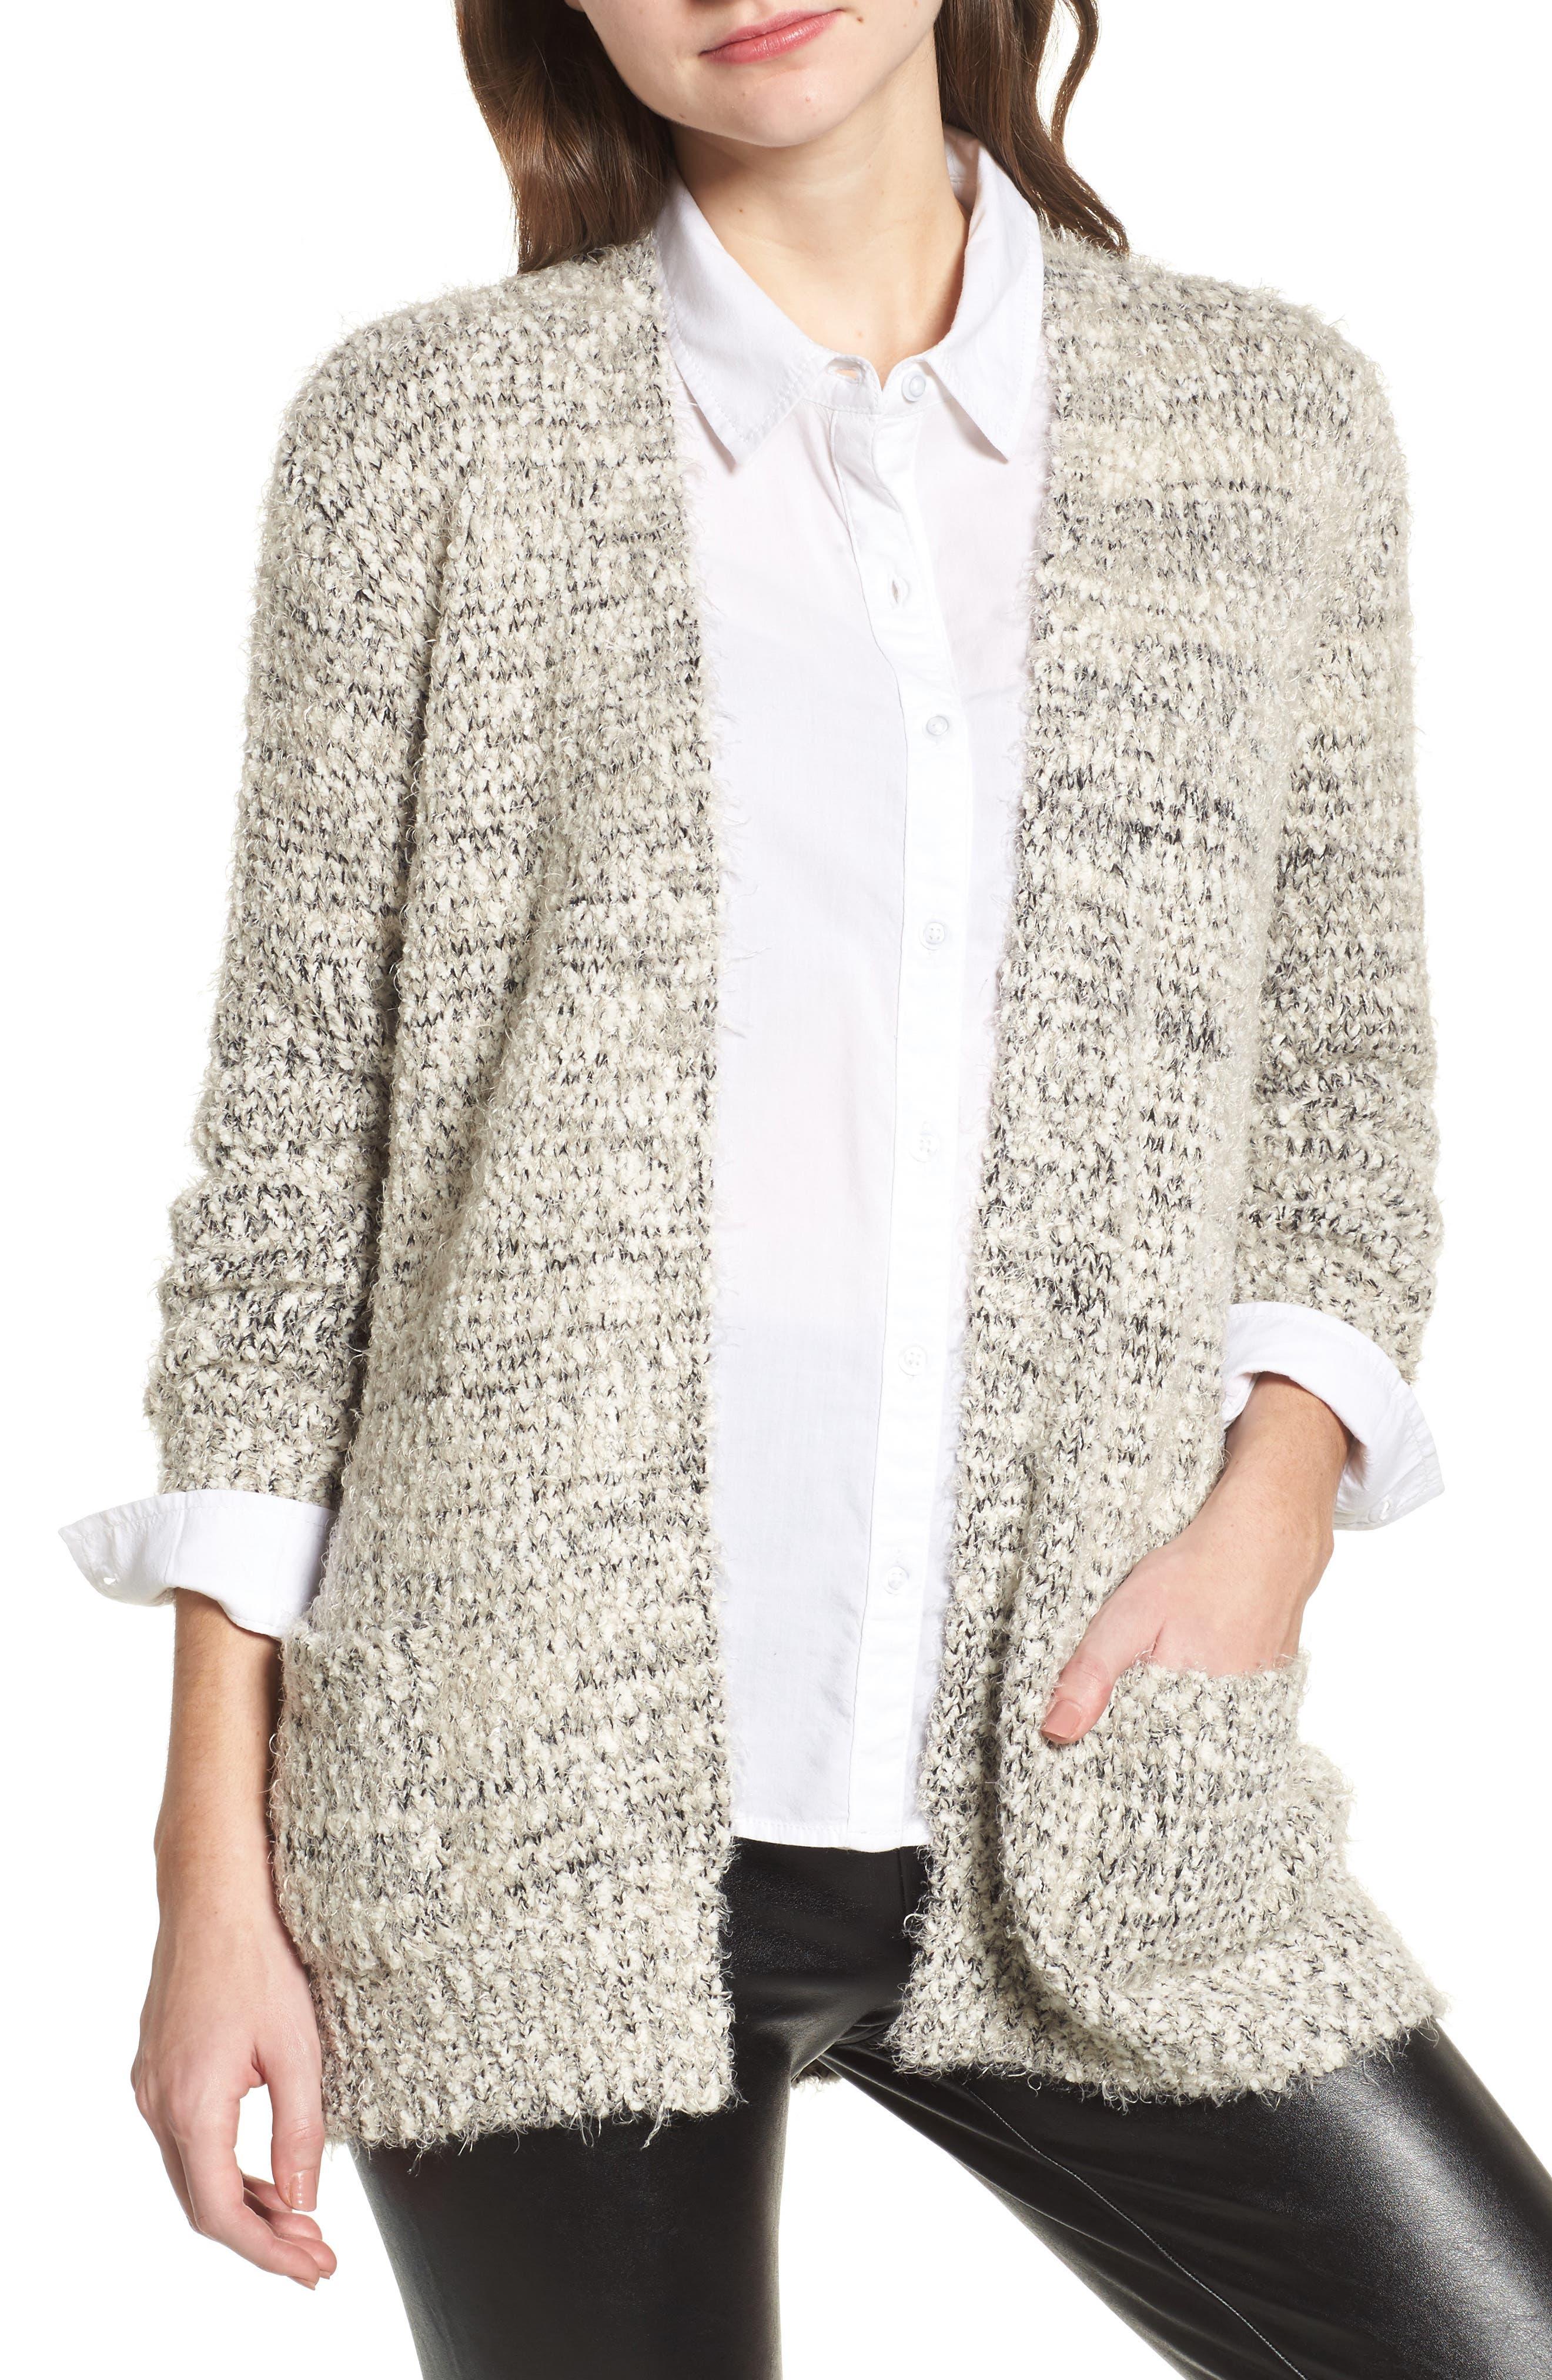 Main Image - Cotton Emporium Marled Cardigan